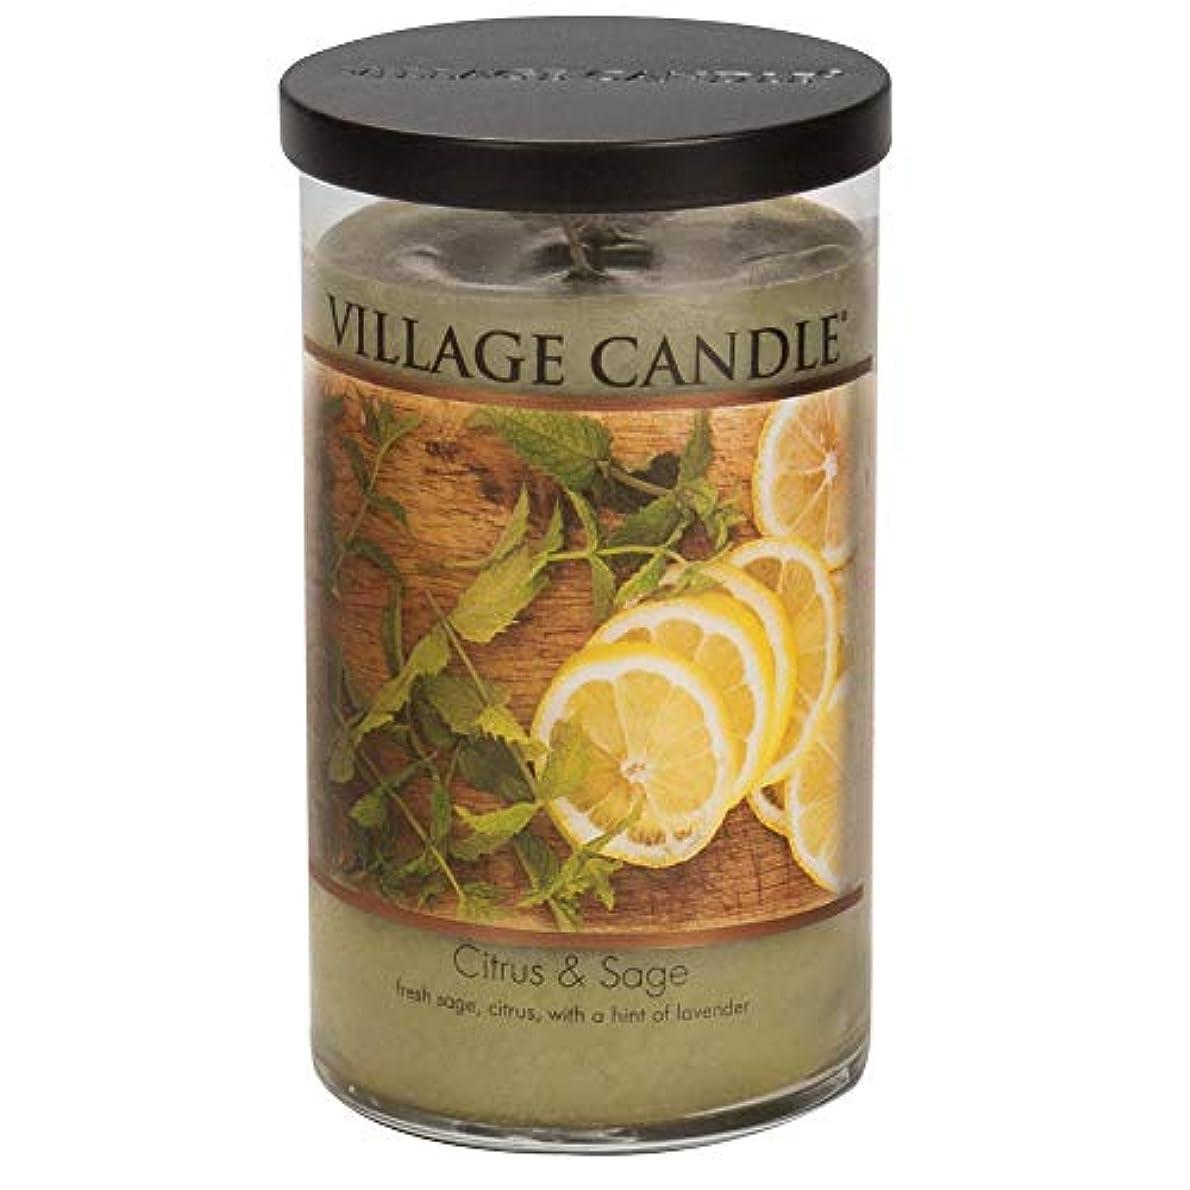 手がかりカロリージョージスティーブンソンVillage Candle Citrus & Sage 24 Oz LargeタンブラーScented Candle